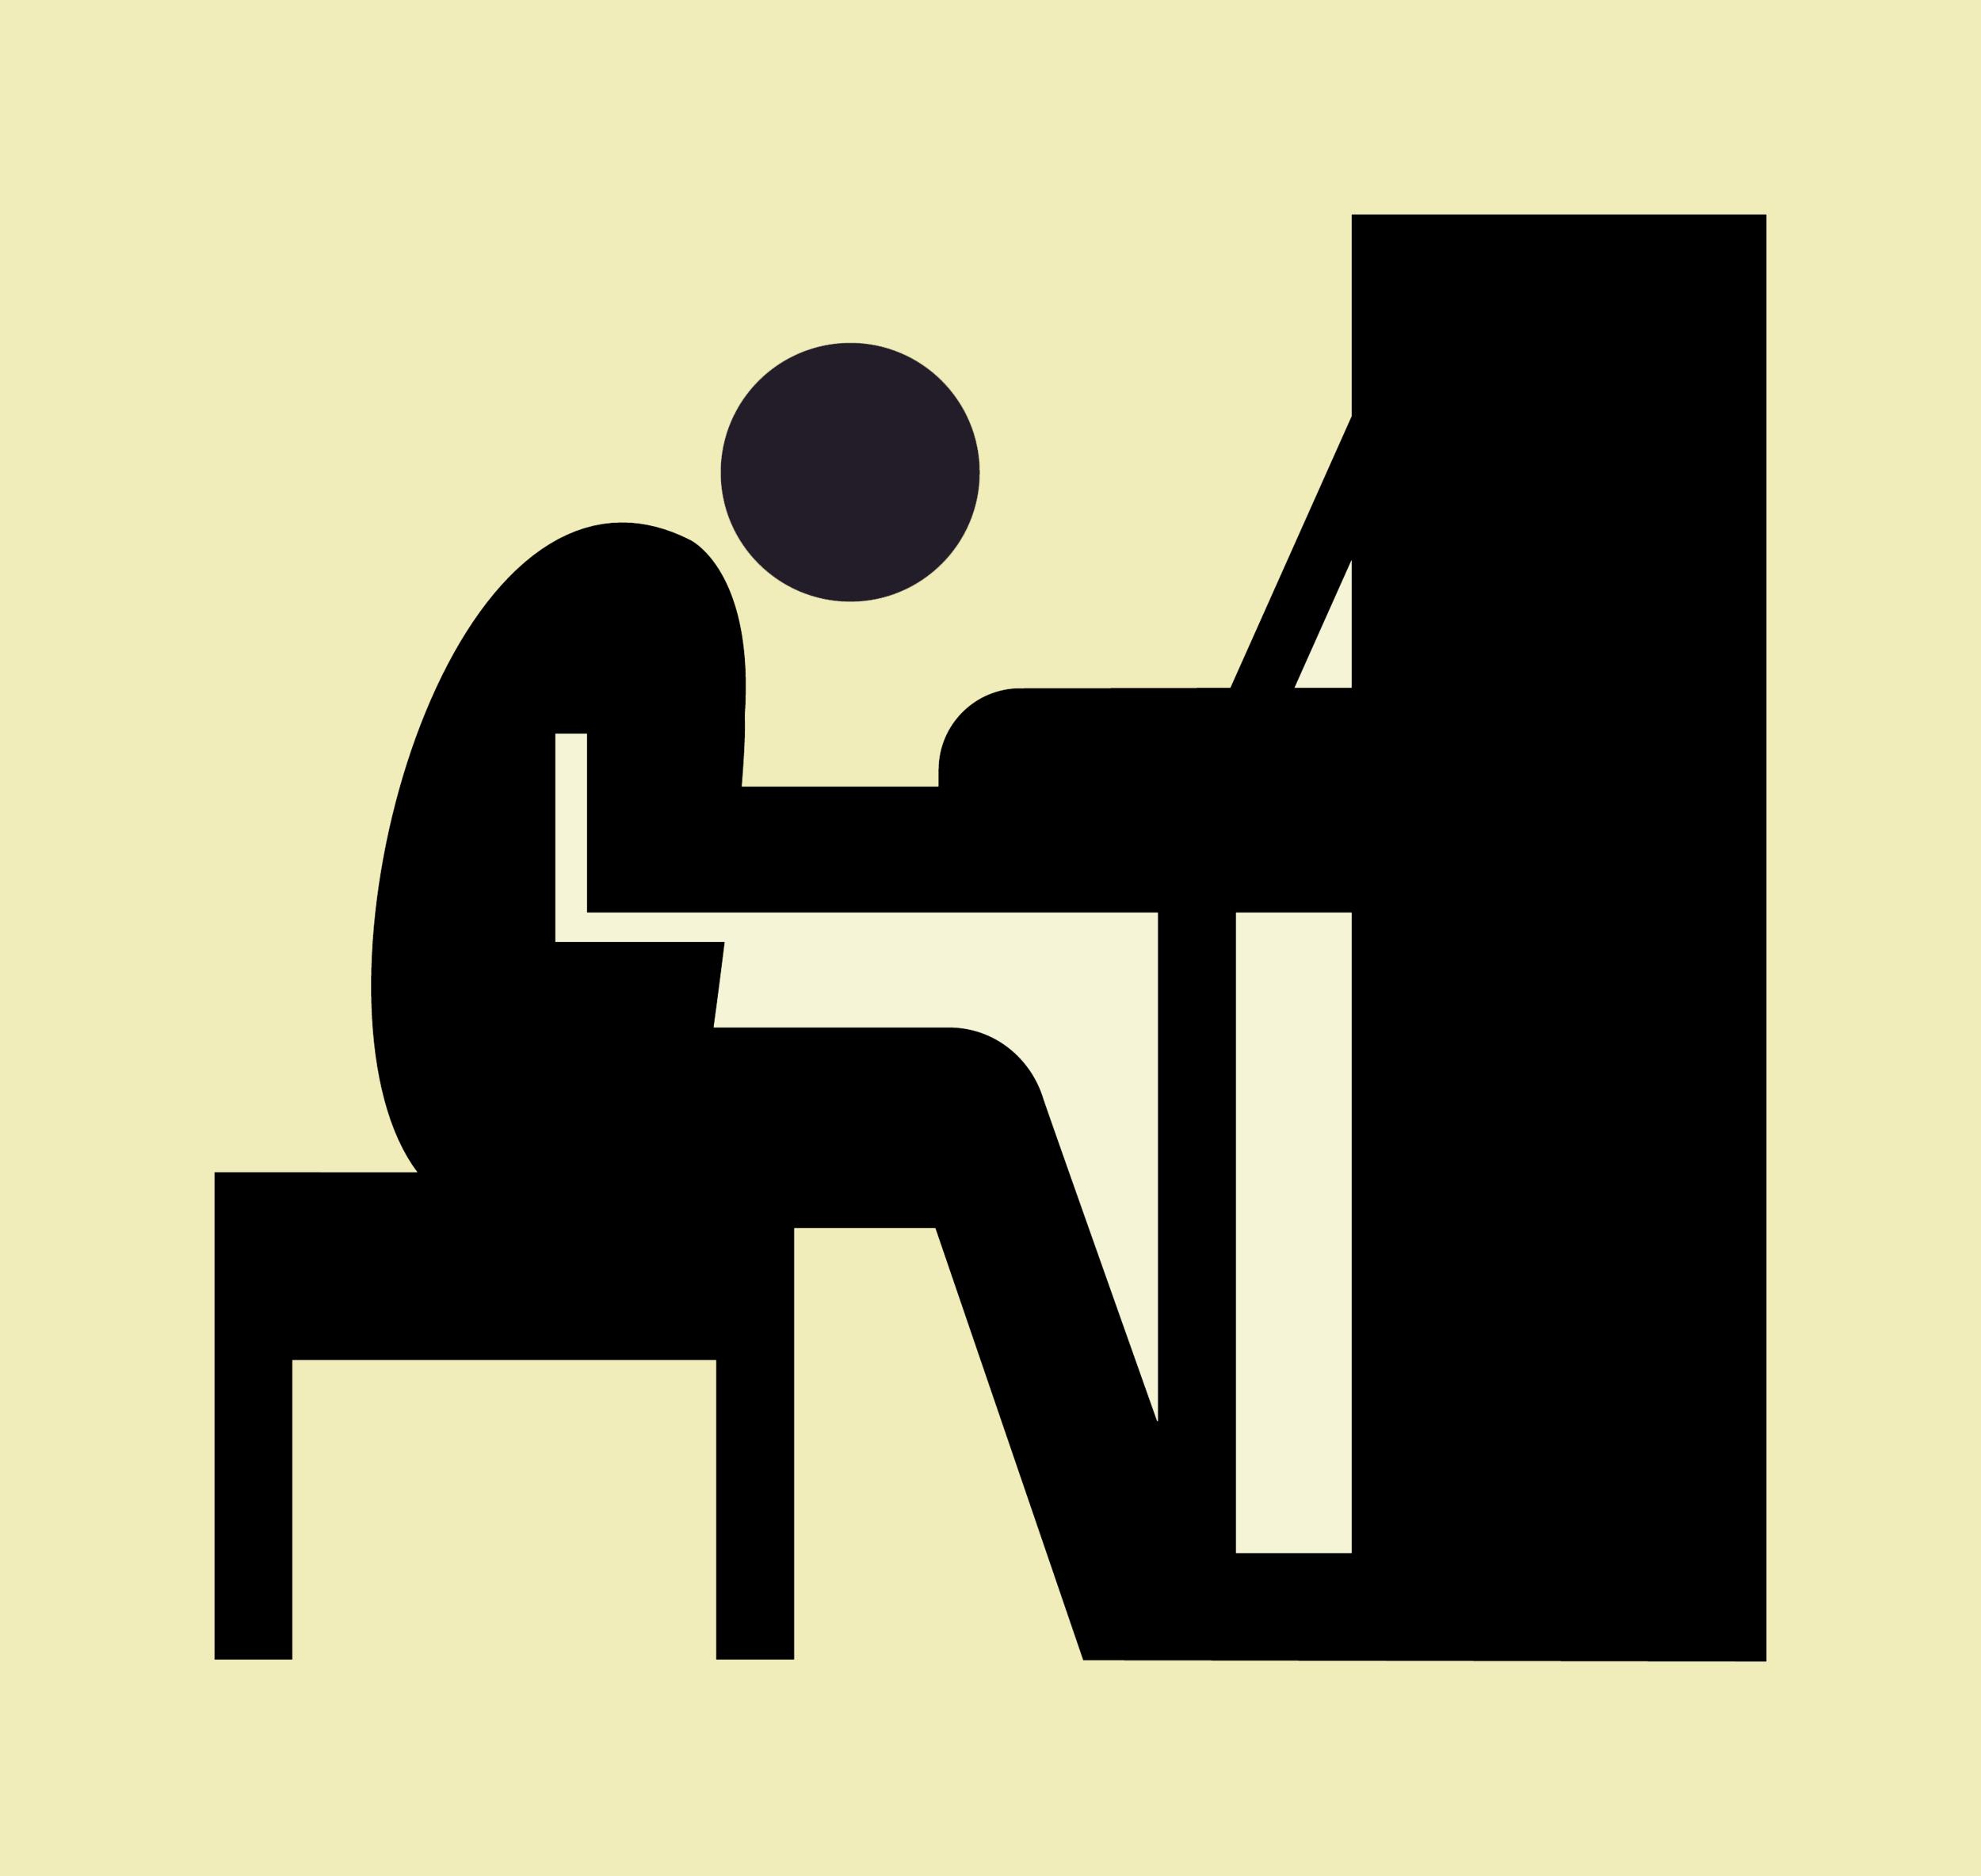 Het systeem van rechtenverdeling en de uitbetaling van vergoedingen voor muziekrechten